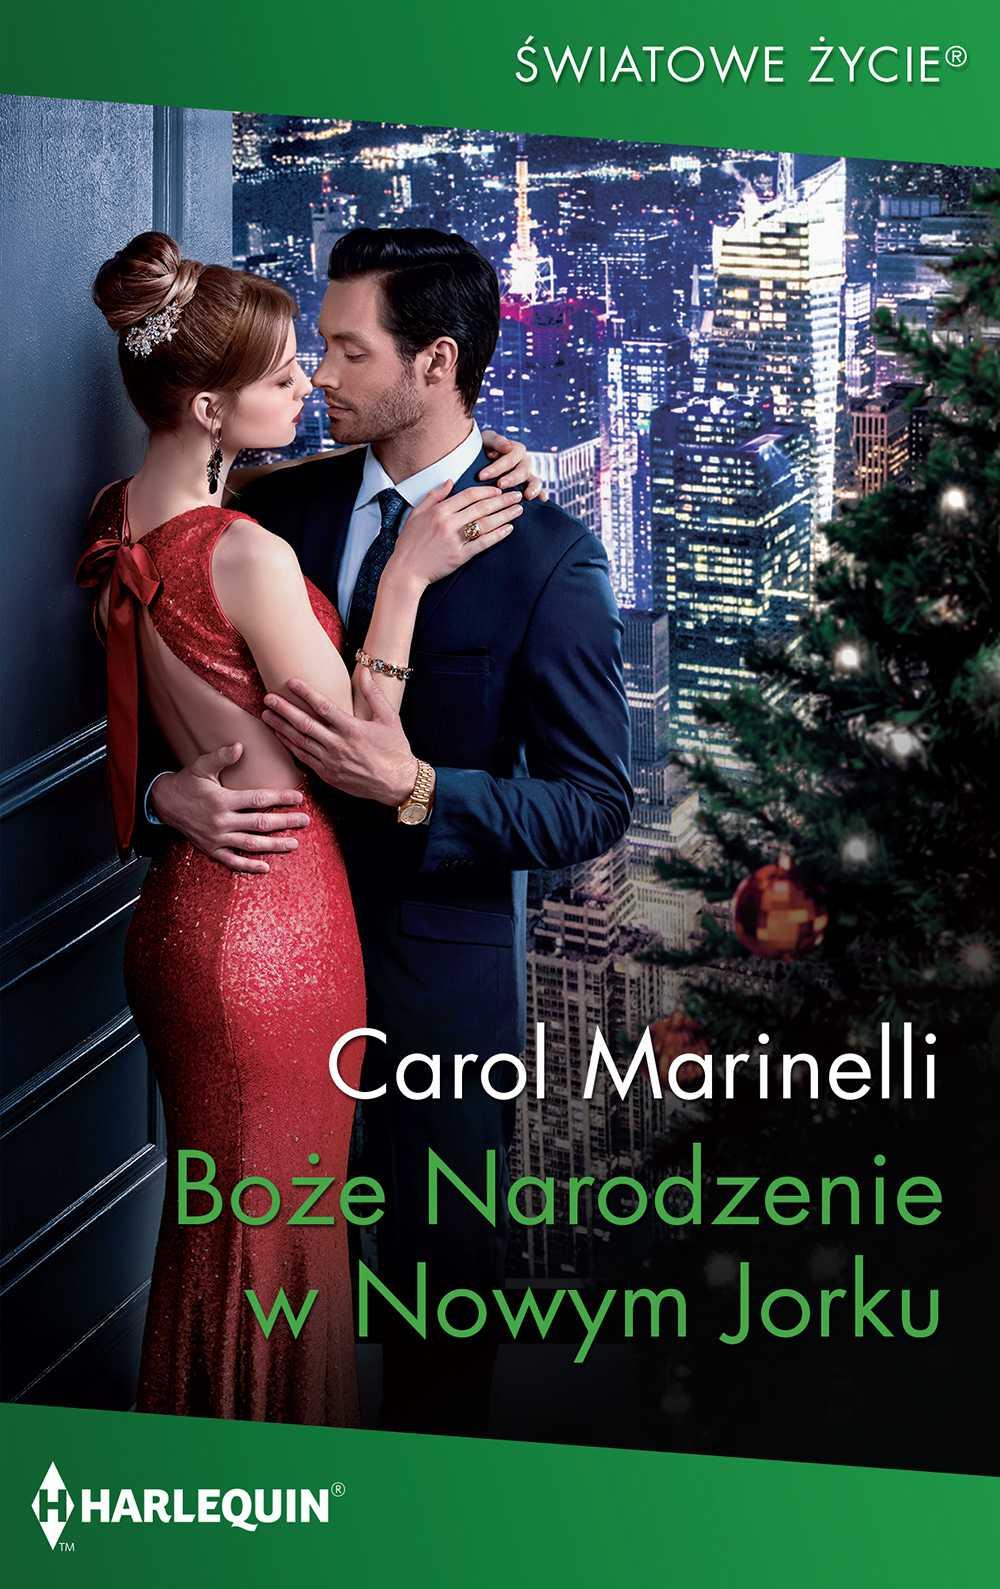 Boże Narodzenie w Nowym Jorku - Ebook (Książka EPUB) do pobrania w formacie EPUB